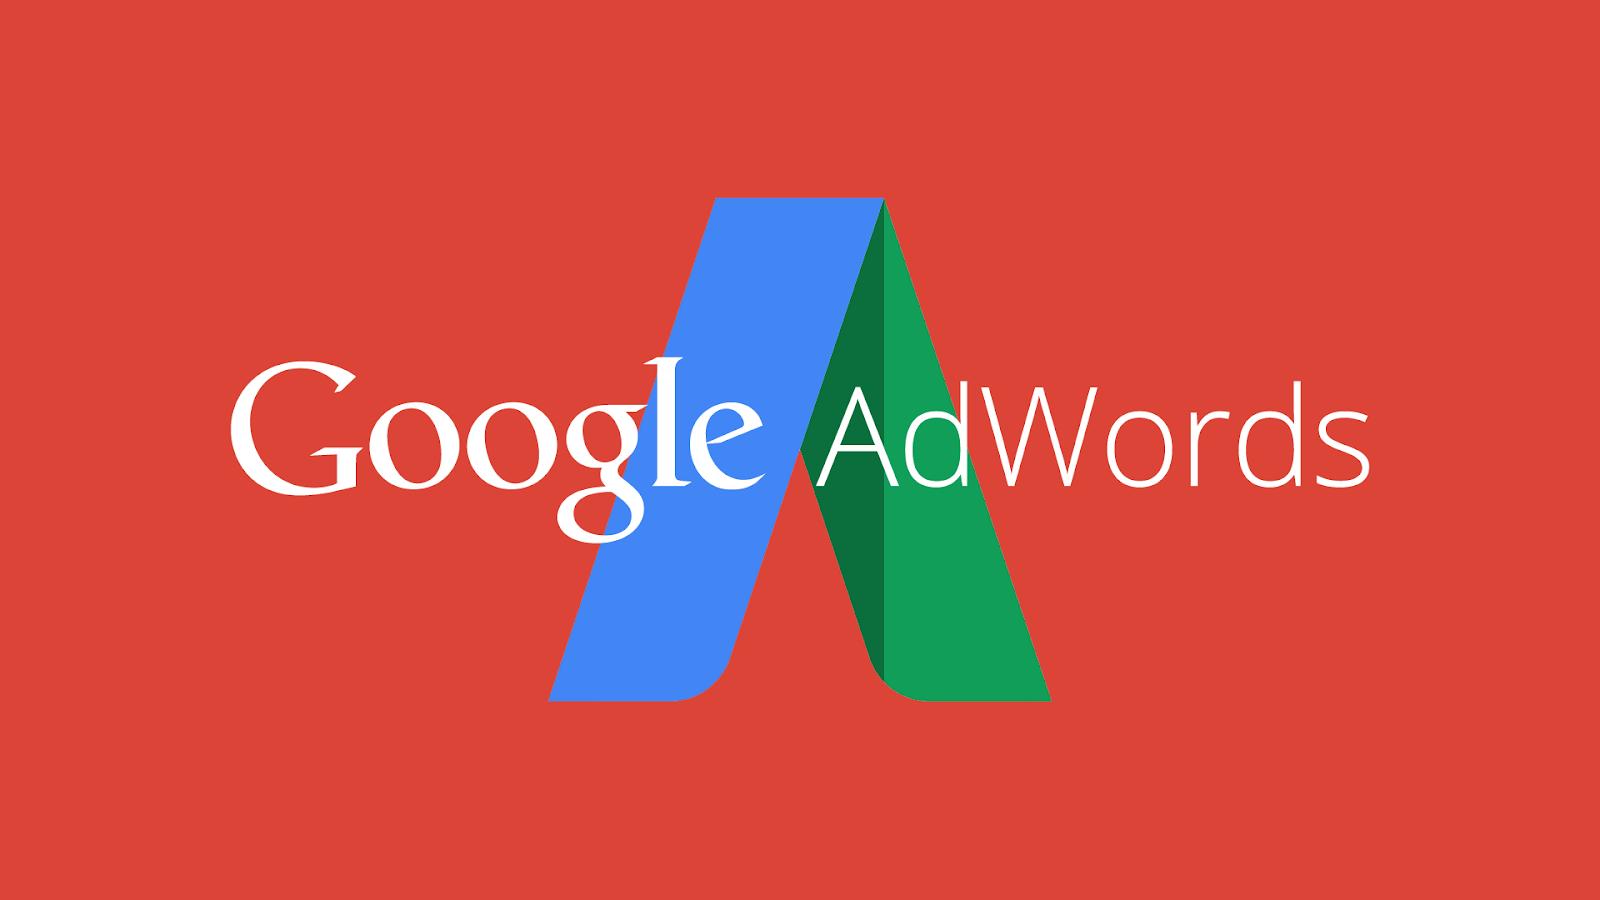 Nếu biết tận dụng dịch vụ quảng cáo Google Adwords, bạn sẽ thu được hiệu quả kinh doanh đáng kể cho mình